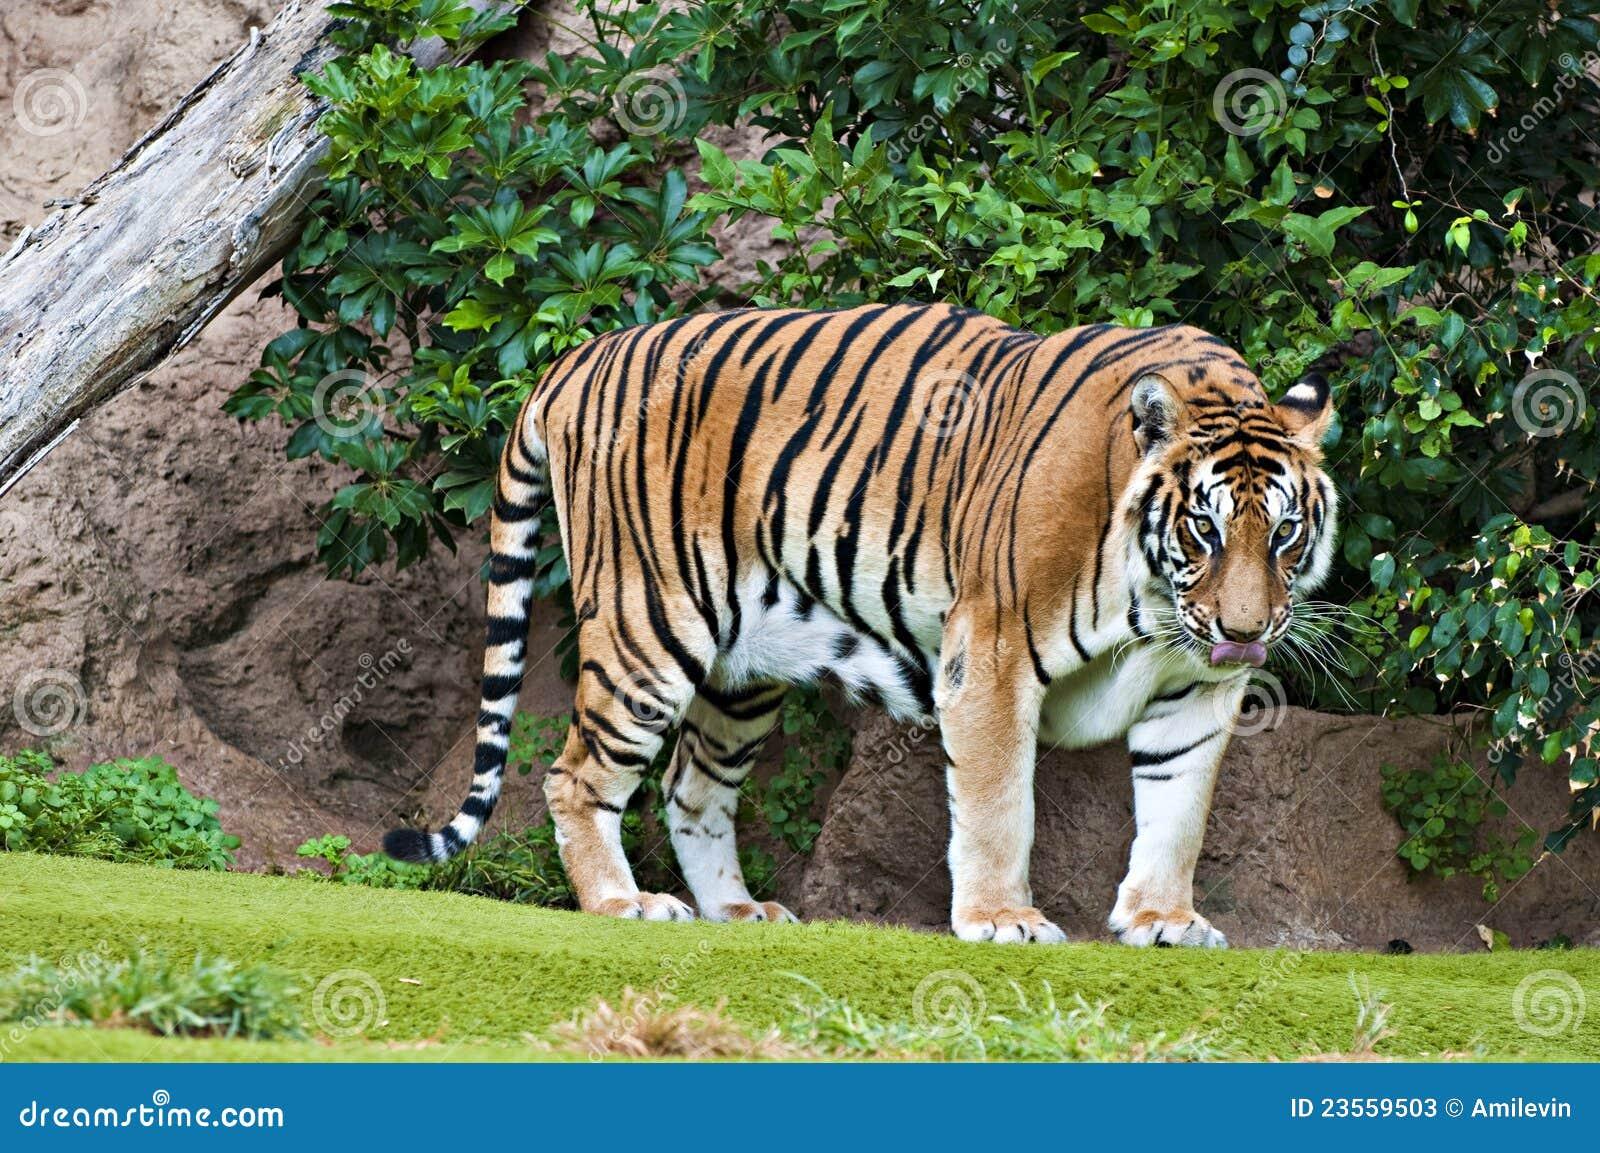 Bengal Tiger Stock Photos Image 23559503